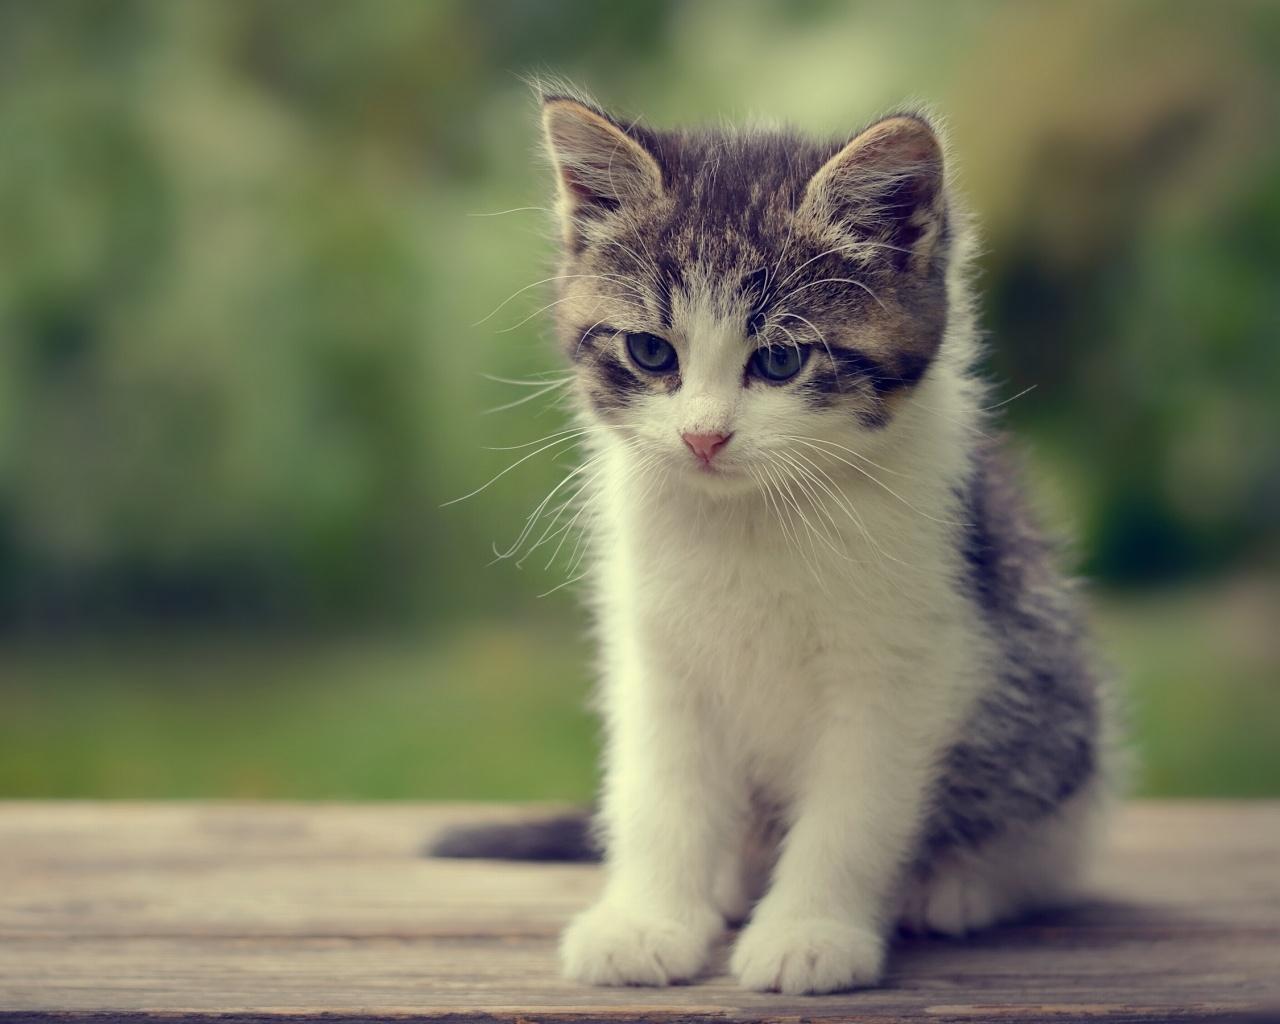 Котята на экран планшета, котики - Скачать HD Обои на ...